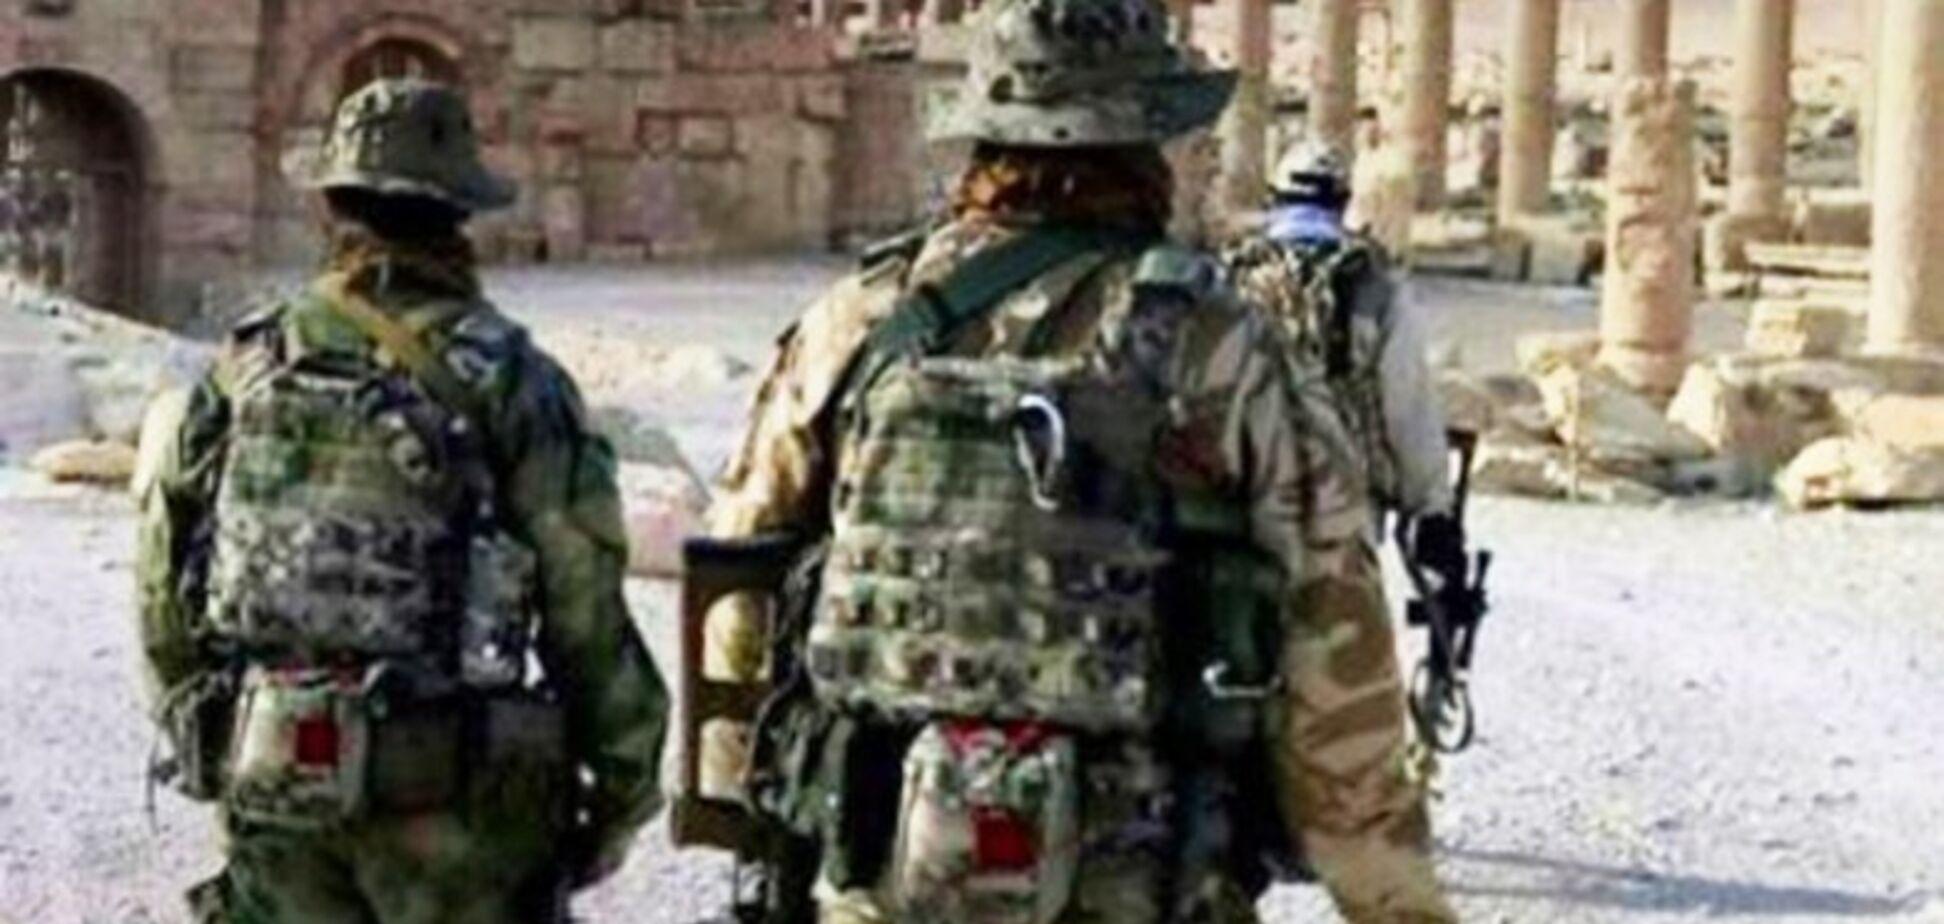 Ловля оккупантов: центр ''Миротворец'' вербовал российских наемников для ЧВК ''Вагнер''